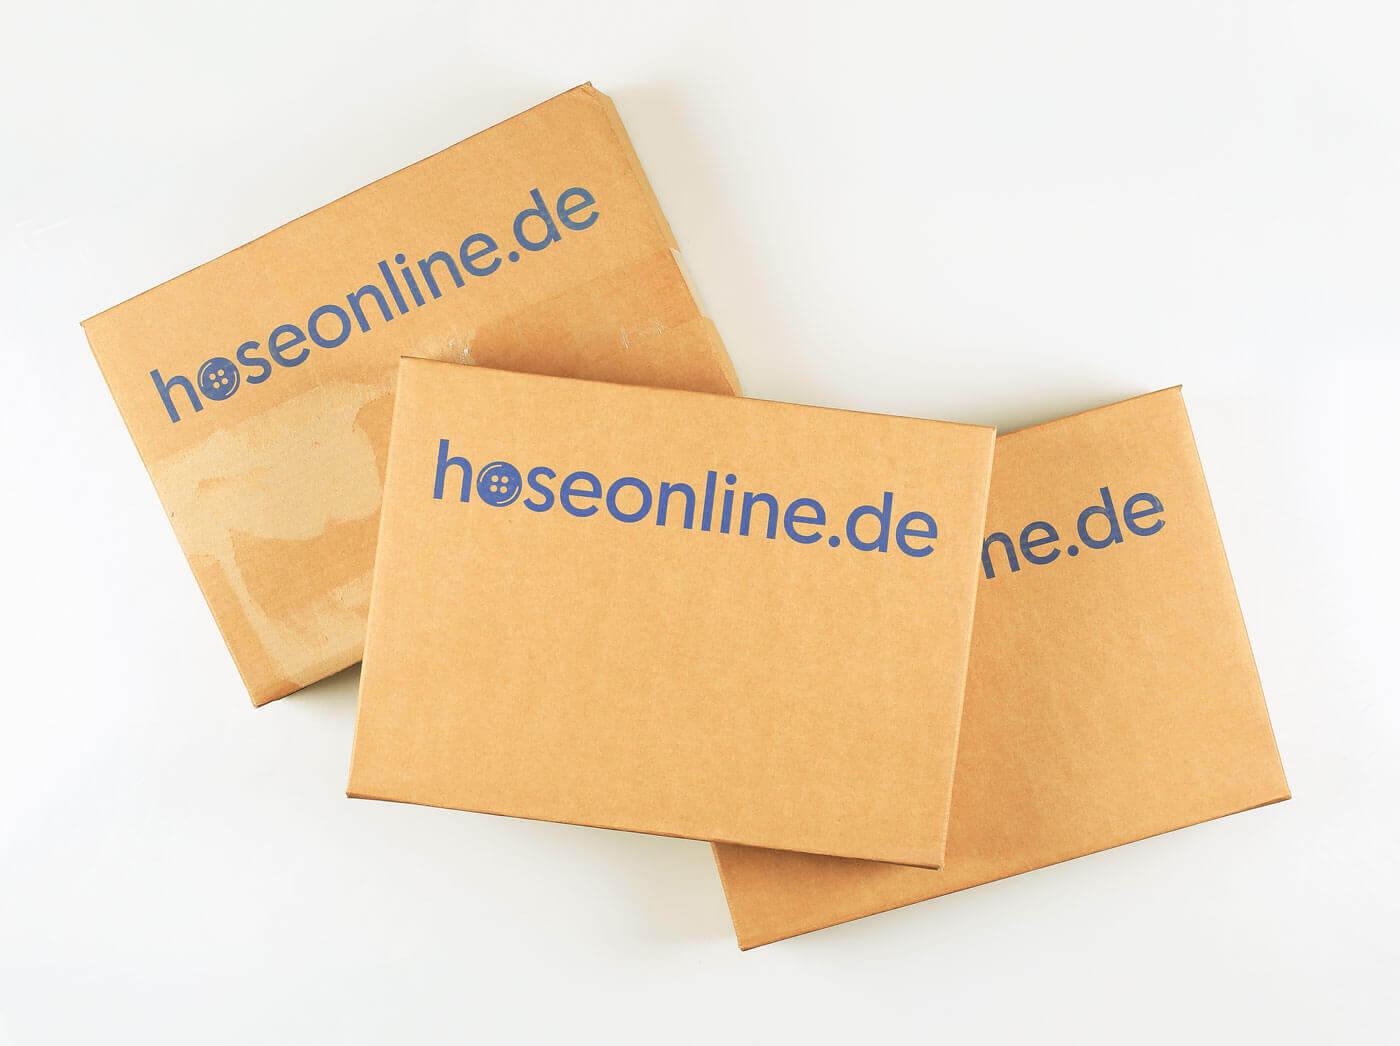 Recycling Eierund HoseOnline